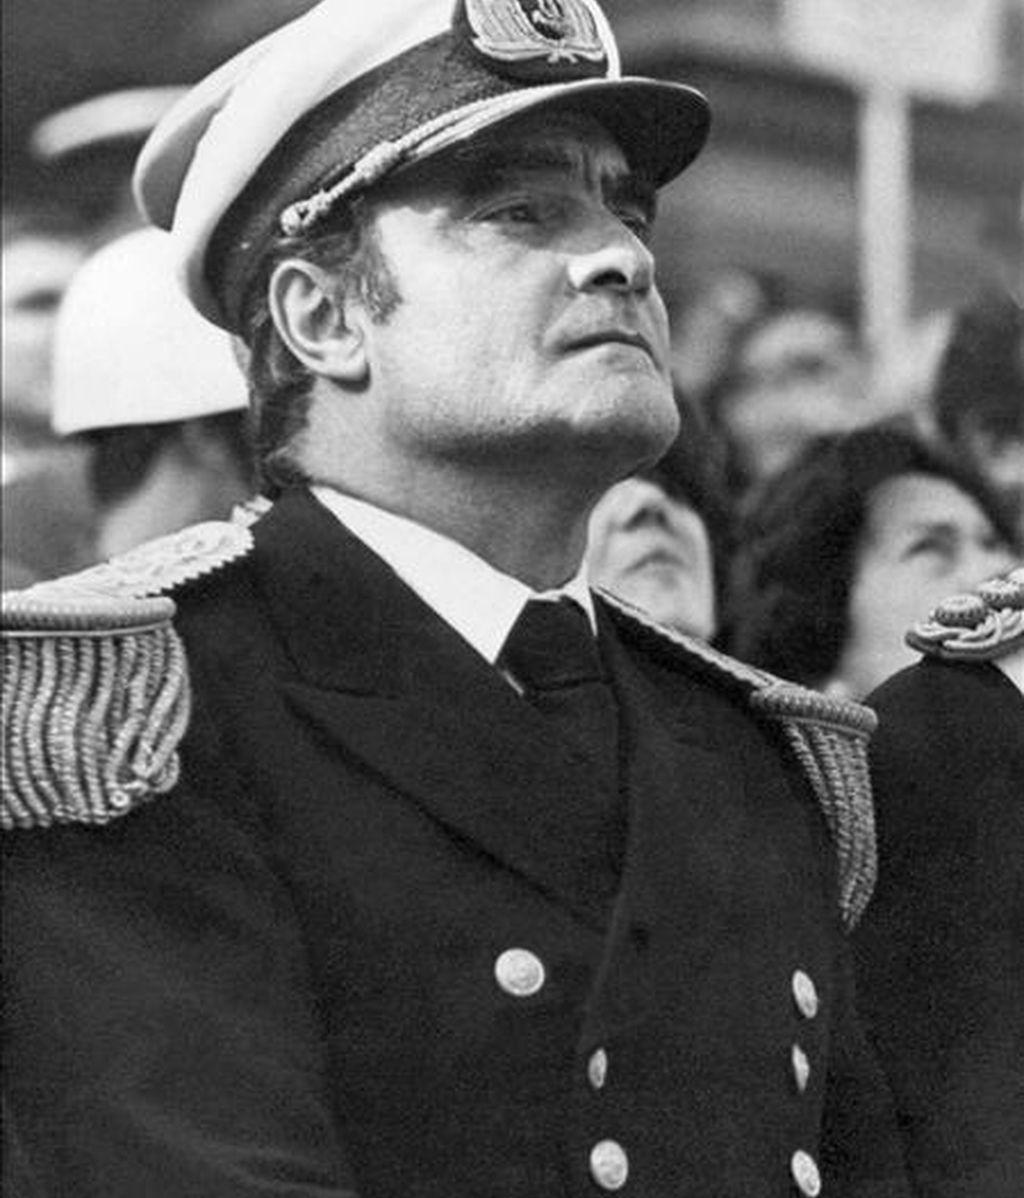 Fotografia de archivo del ex integrante de la junta de gobierno de facto de Argentina, Emilio Massera. EFE/Archivo